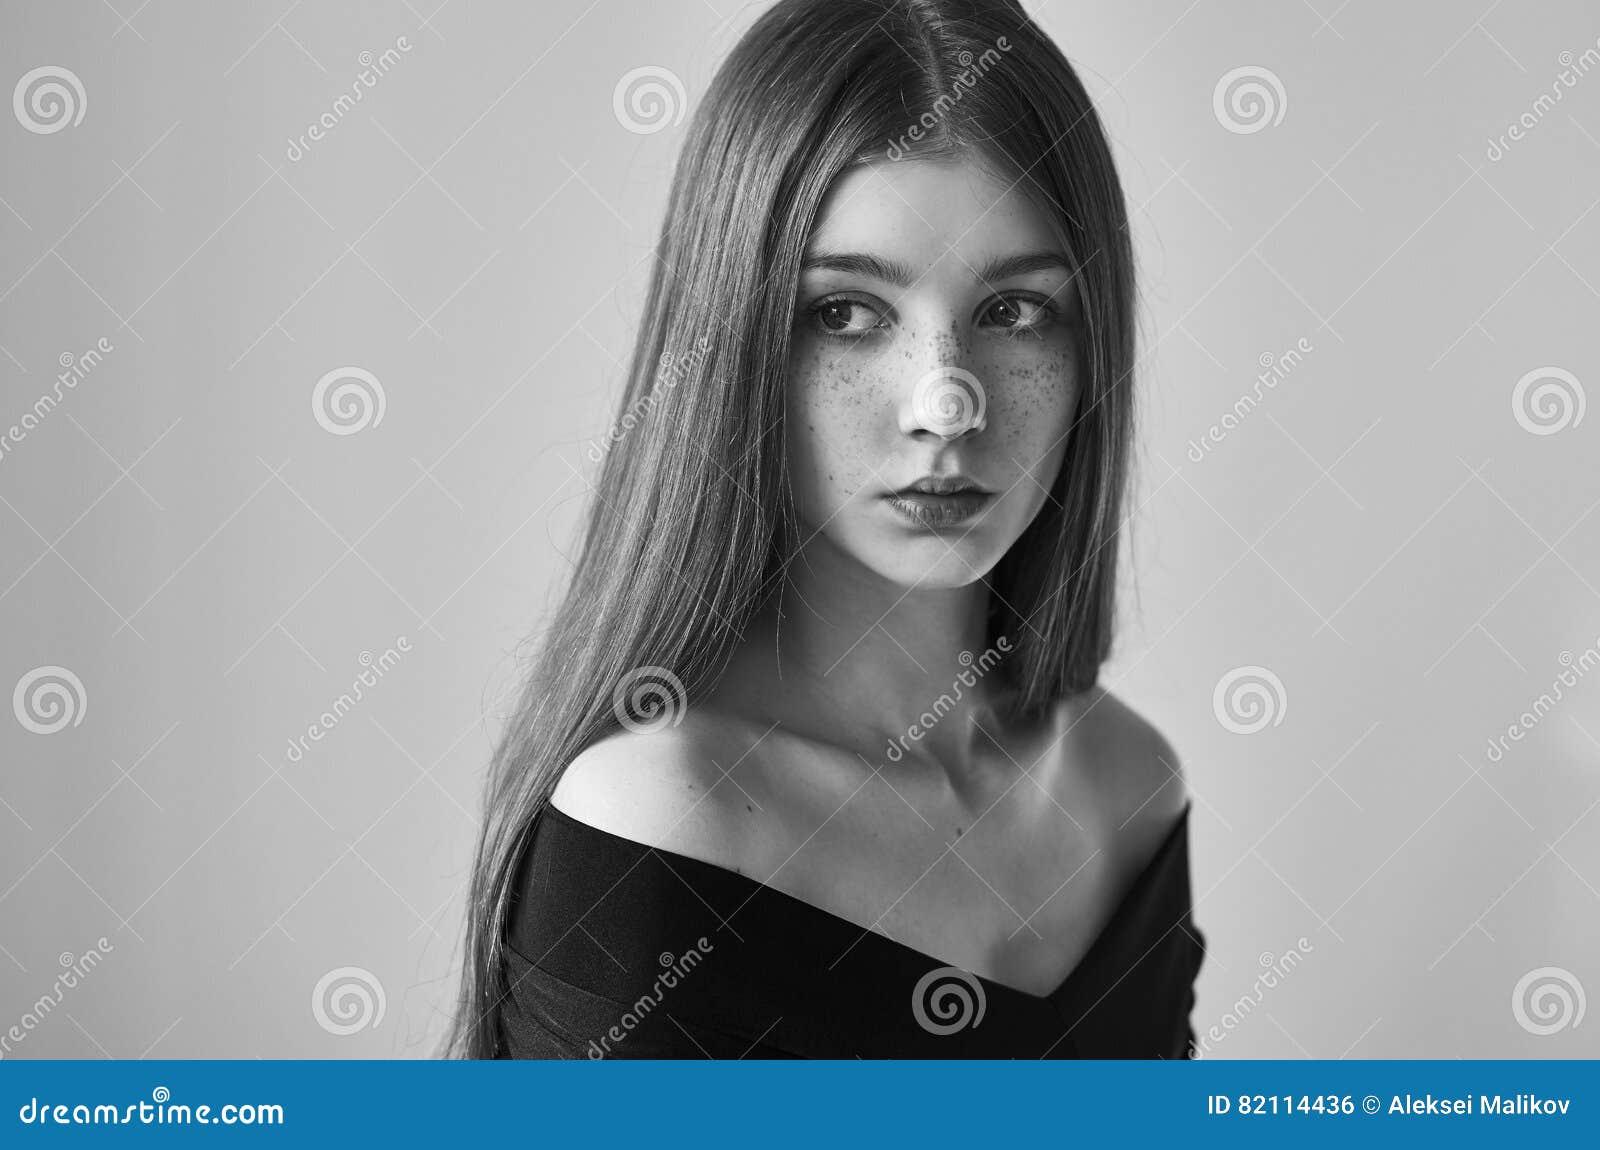 Portrait Noir Et Blanc Dramatique D 39 Une Belle Fille Seule Avec Des Taches De Rousseur Sur Un